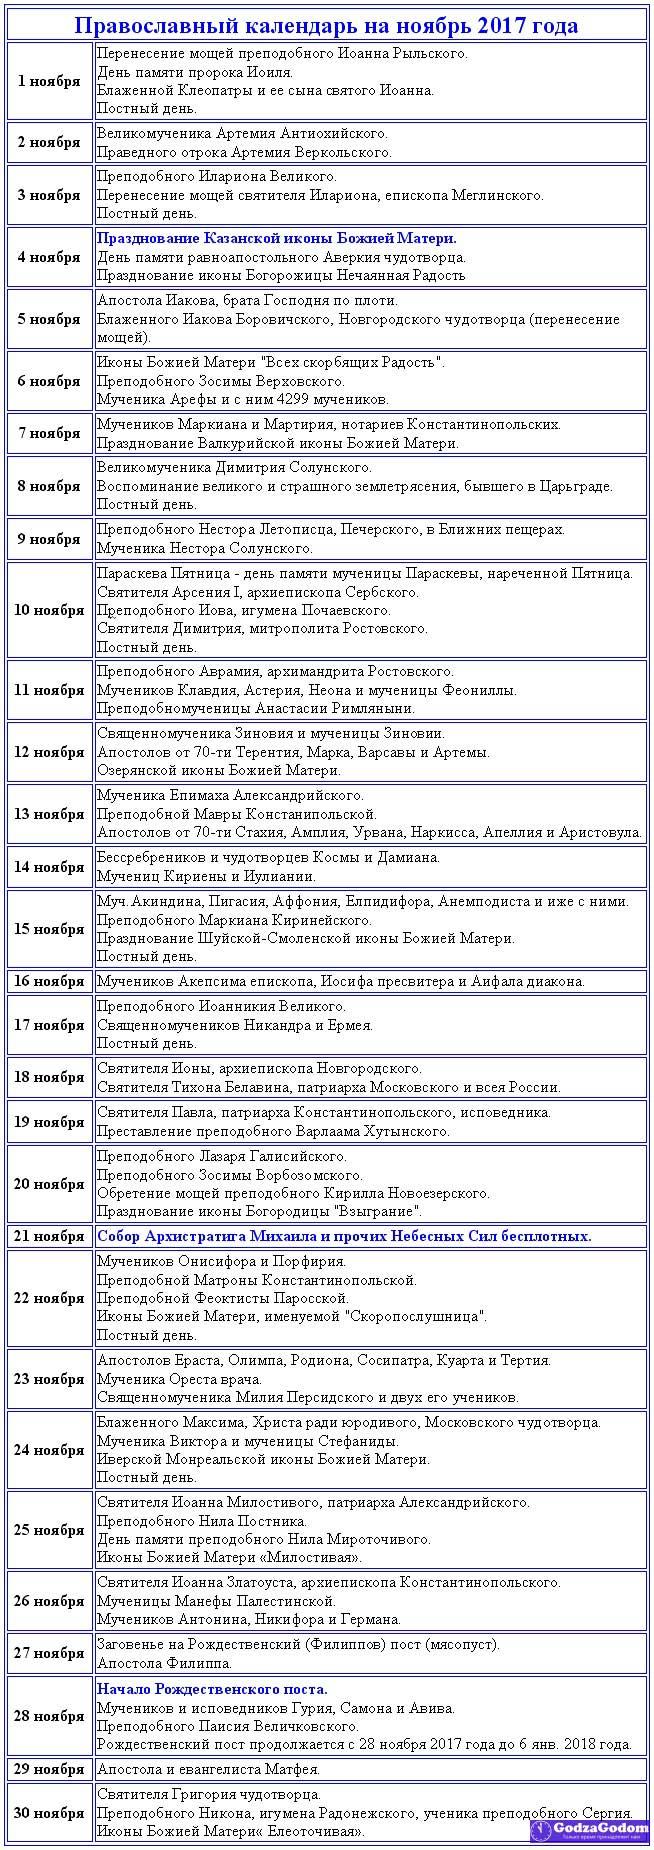 Таблица. Церковный календарь православных праздников и постов на ноябрь 2017 г.